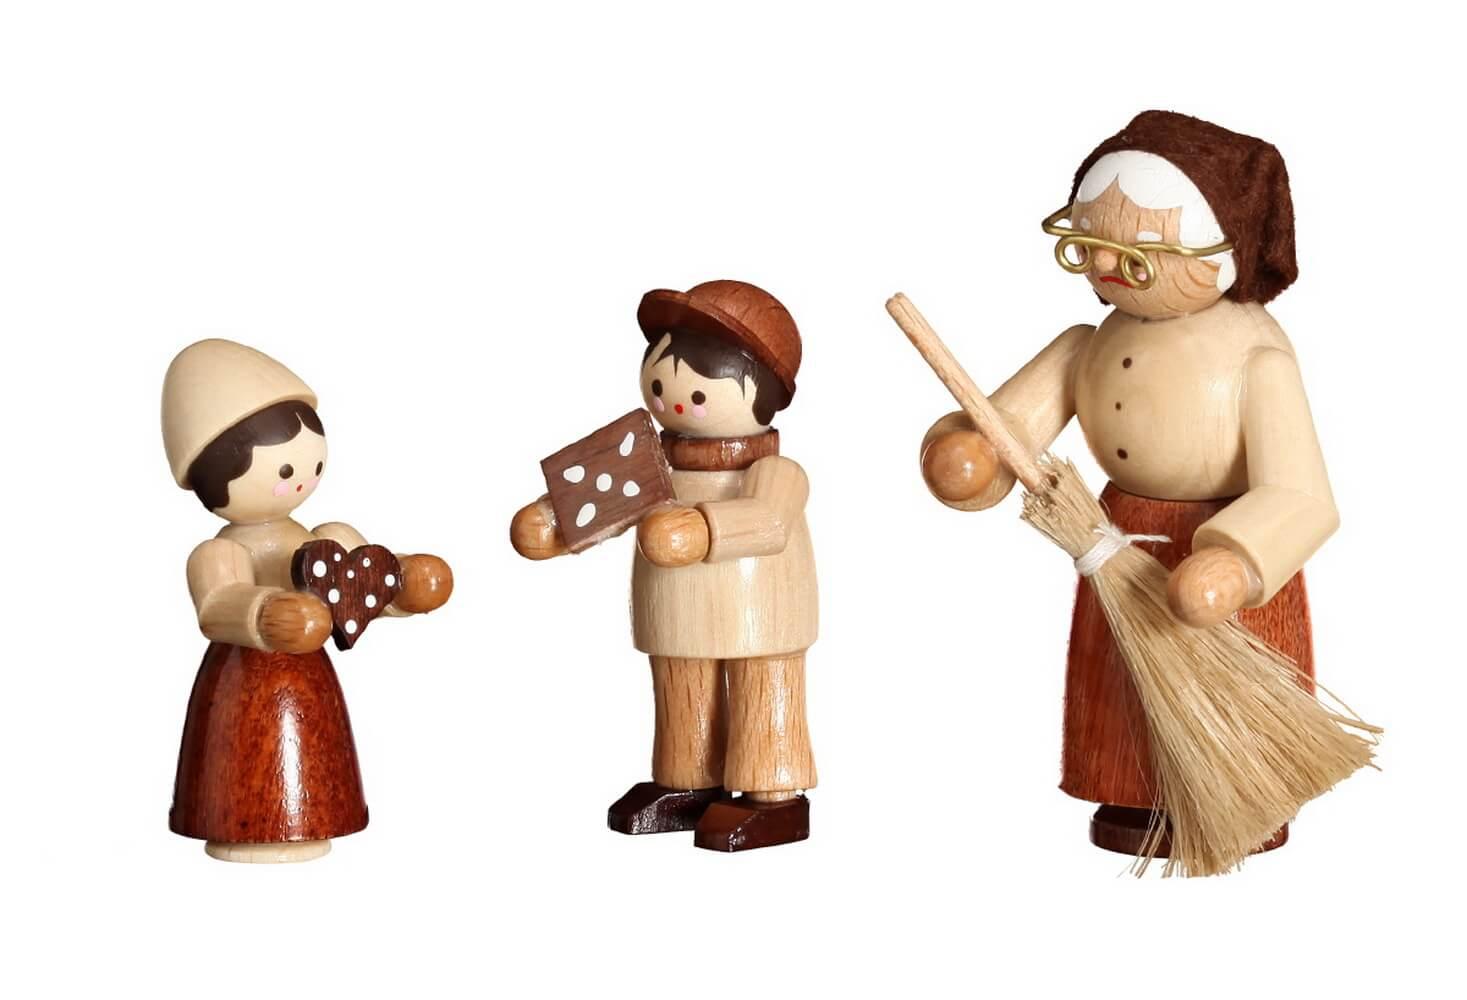 """Hänsel, Gretel & Hexe in natur von Romy Thiel Deutschneudorf/ Erzgebirge. Knusper, knusper, knäuschen, wer knuspert an meinem Häuschen!"""" Diese Figuren …"""